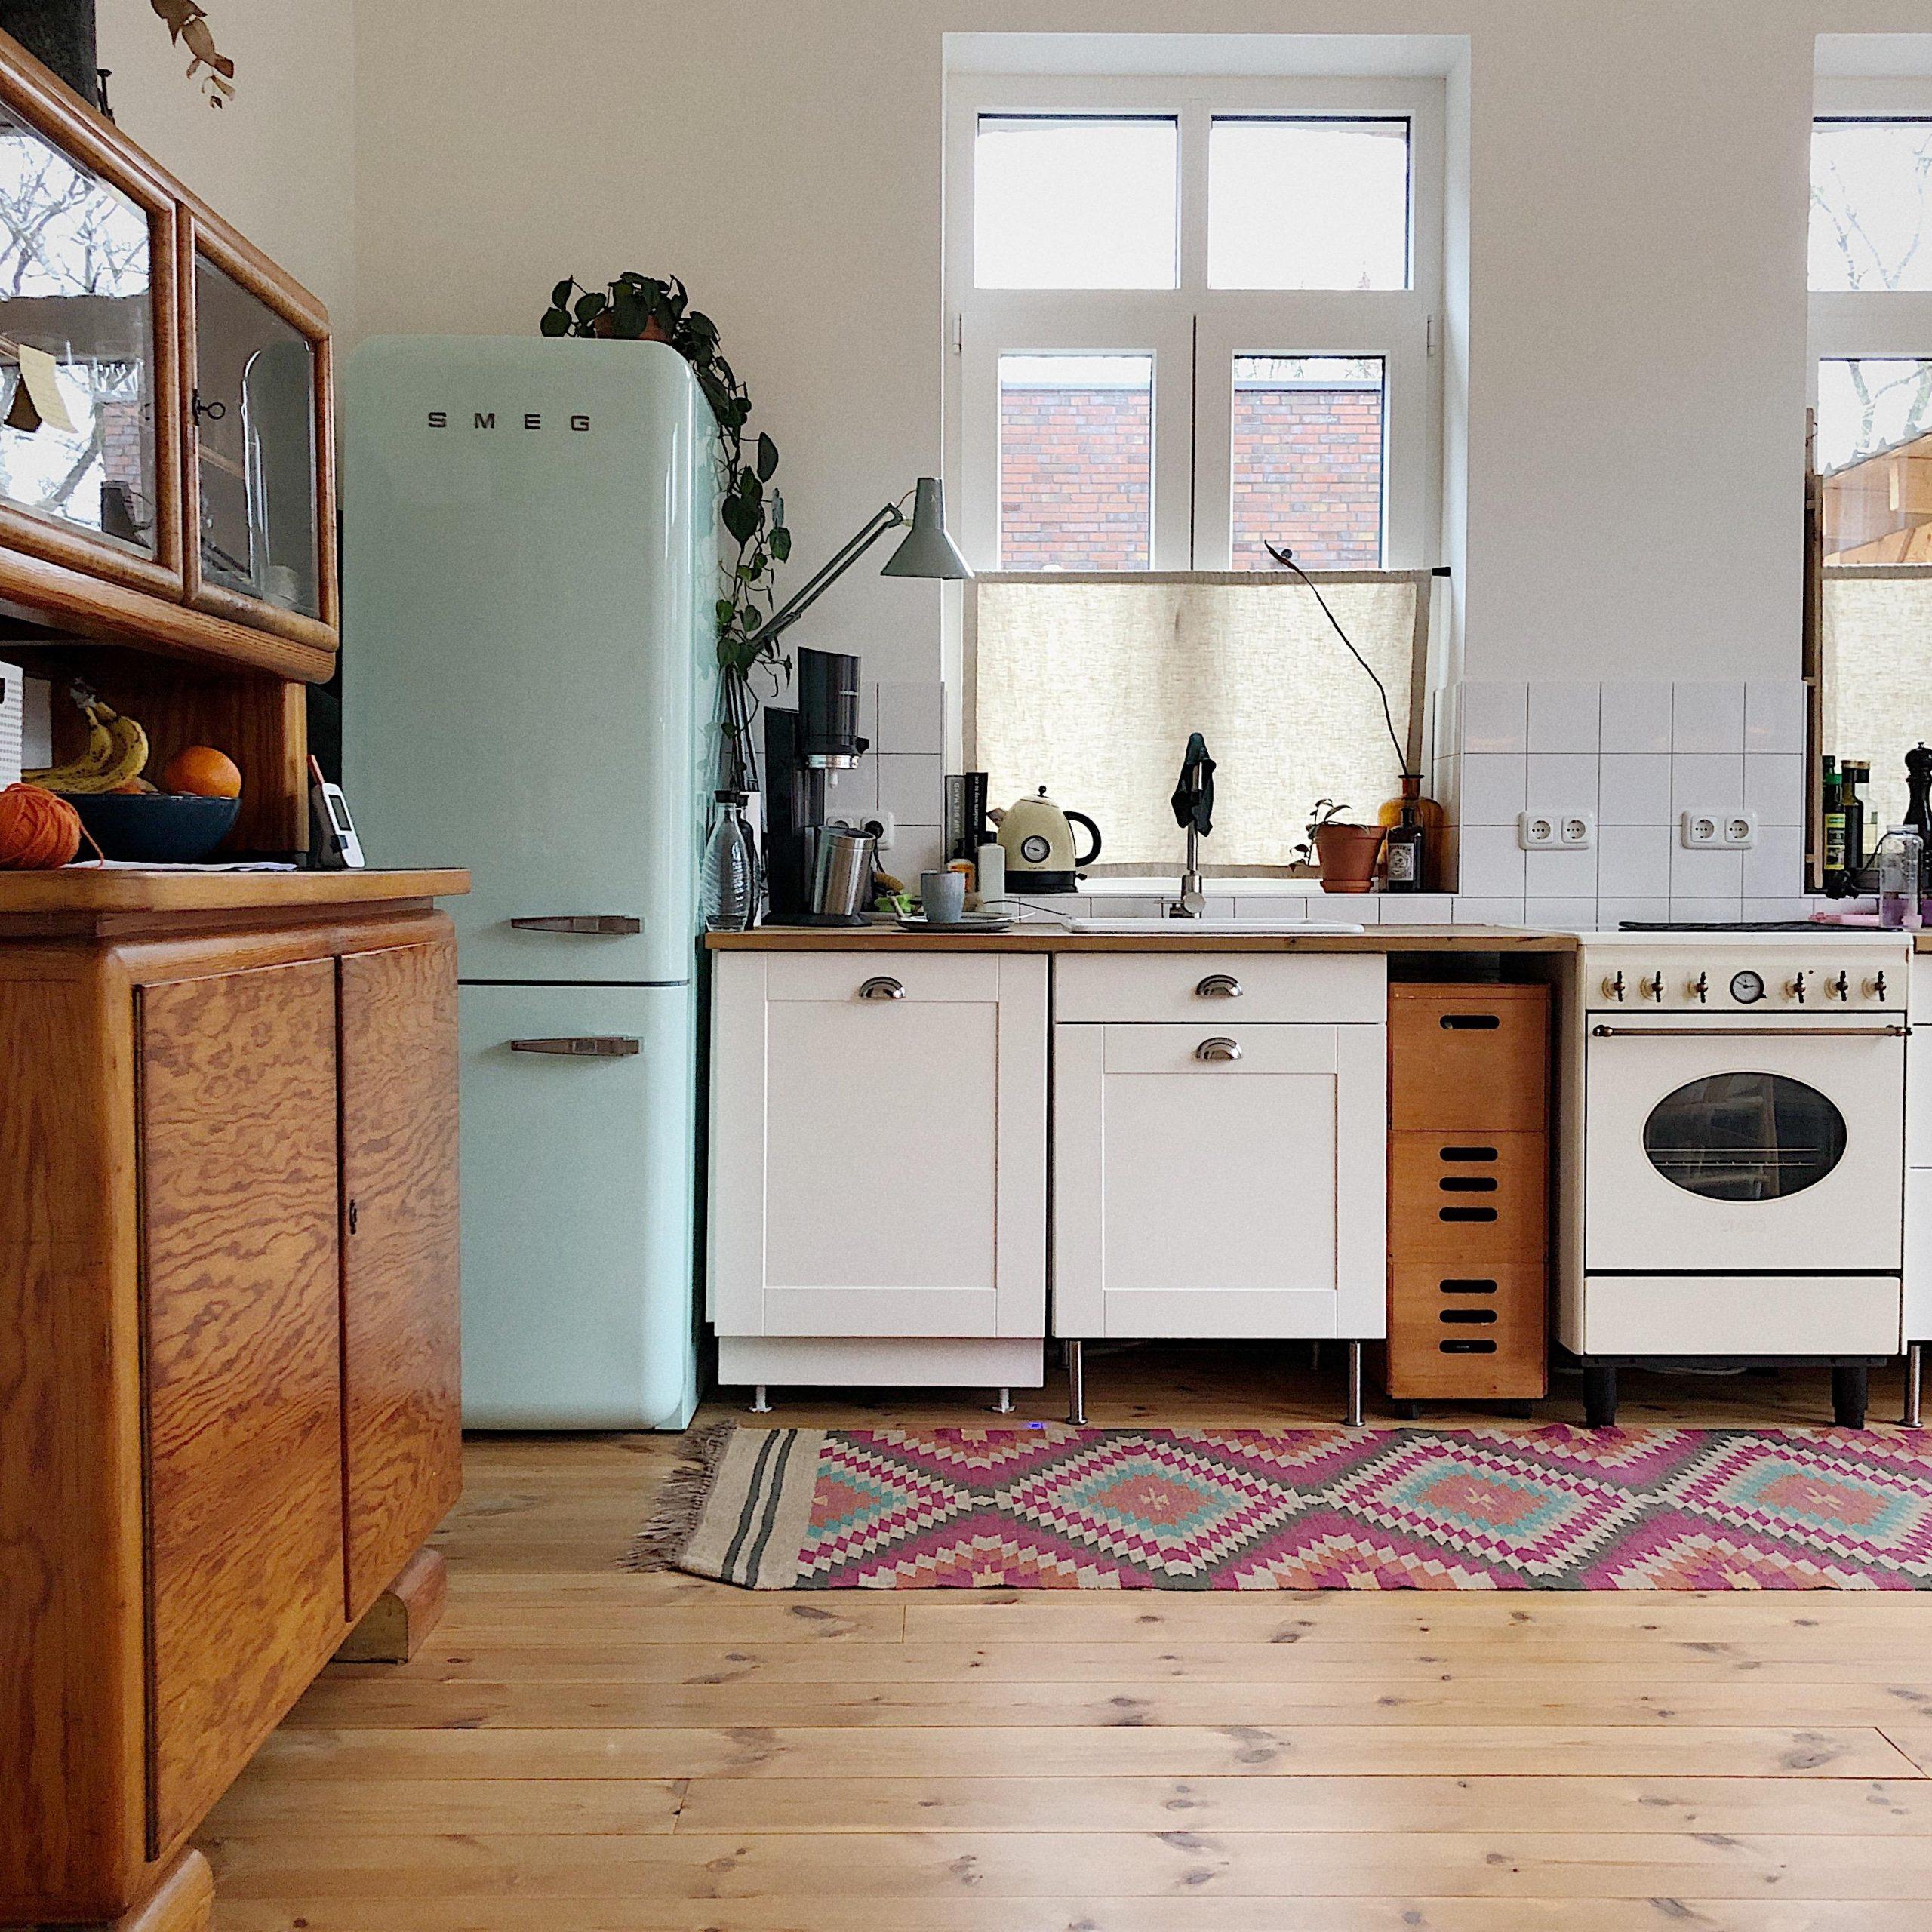 Full Size of Teppich Für Küche Ich Liebe Einfach Unseren In Der Kche All Laminat Industrial Gebrauchte Einbauküche Wandverkleidung Hochglanz Grau Klapptisch Selbst Küche Teppich Für Küche